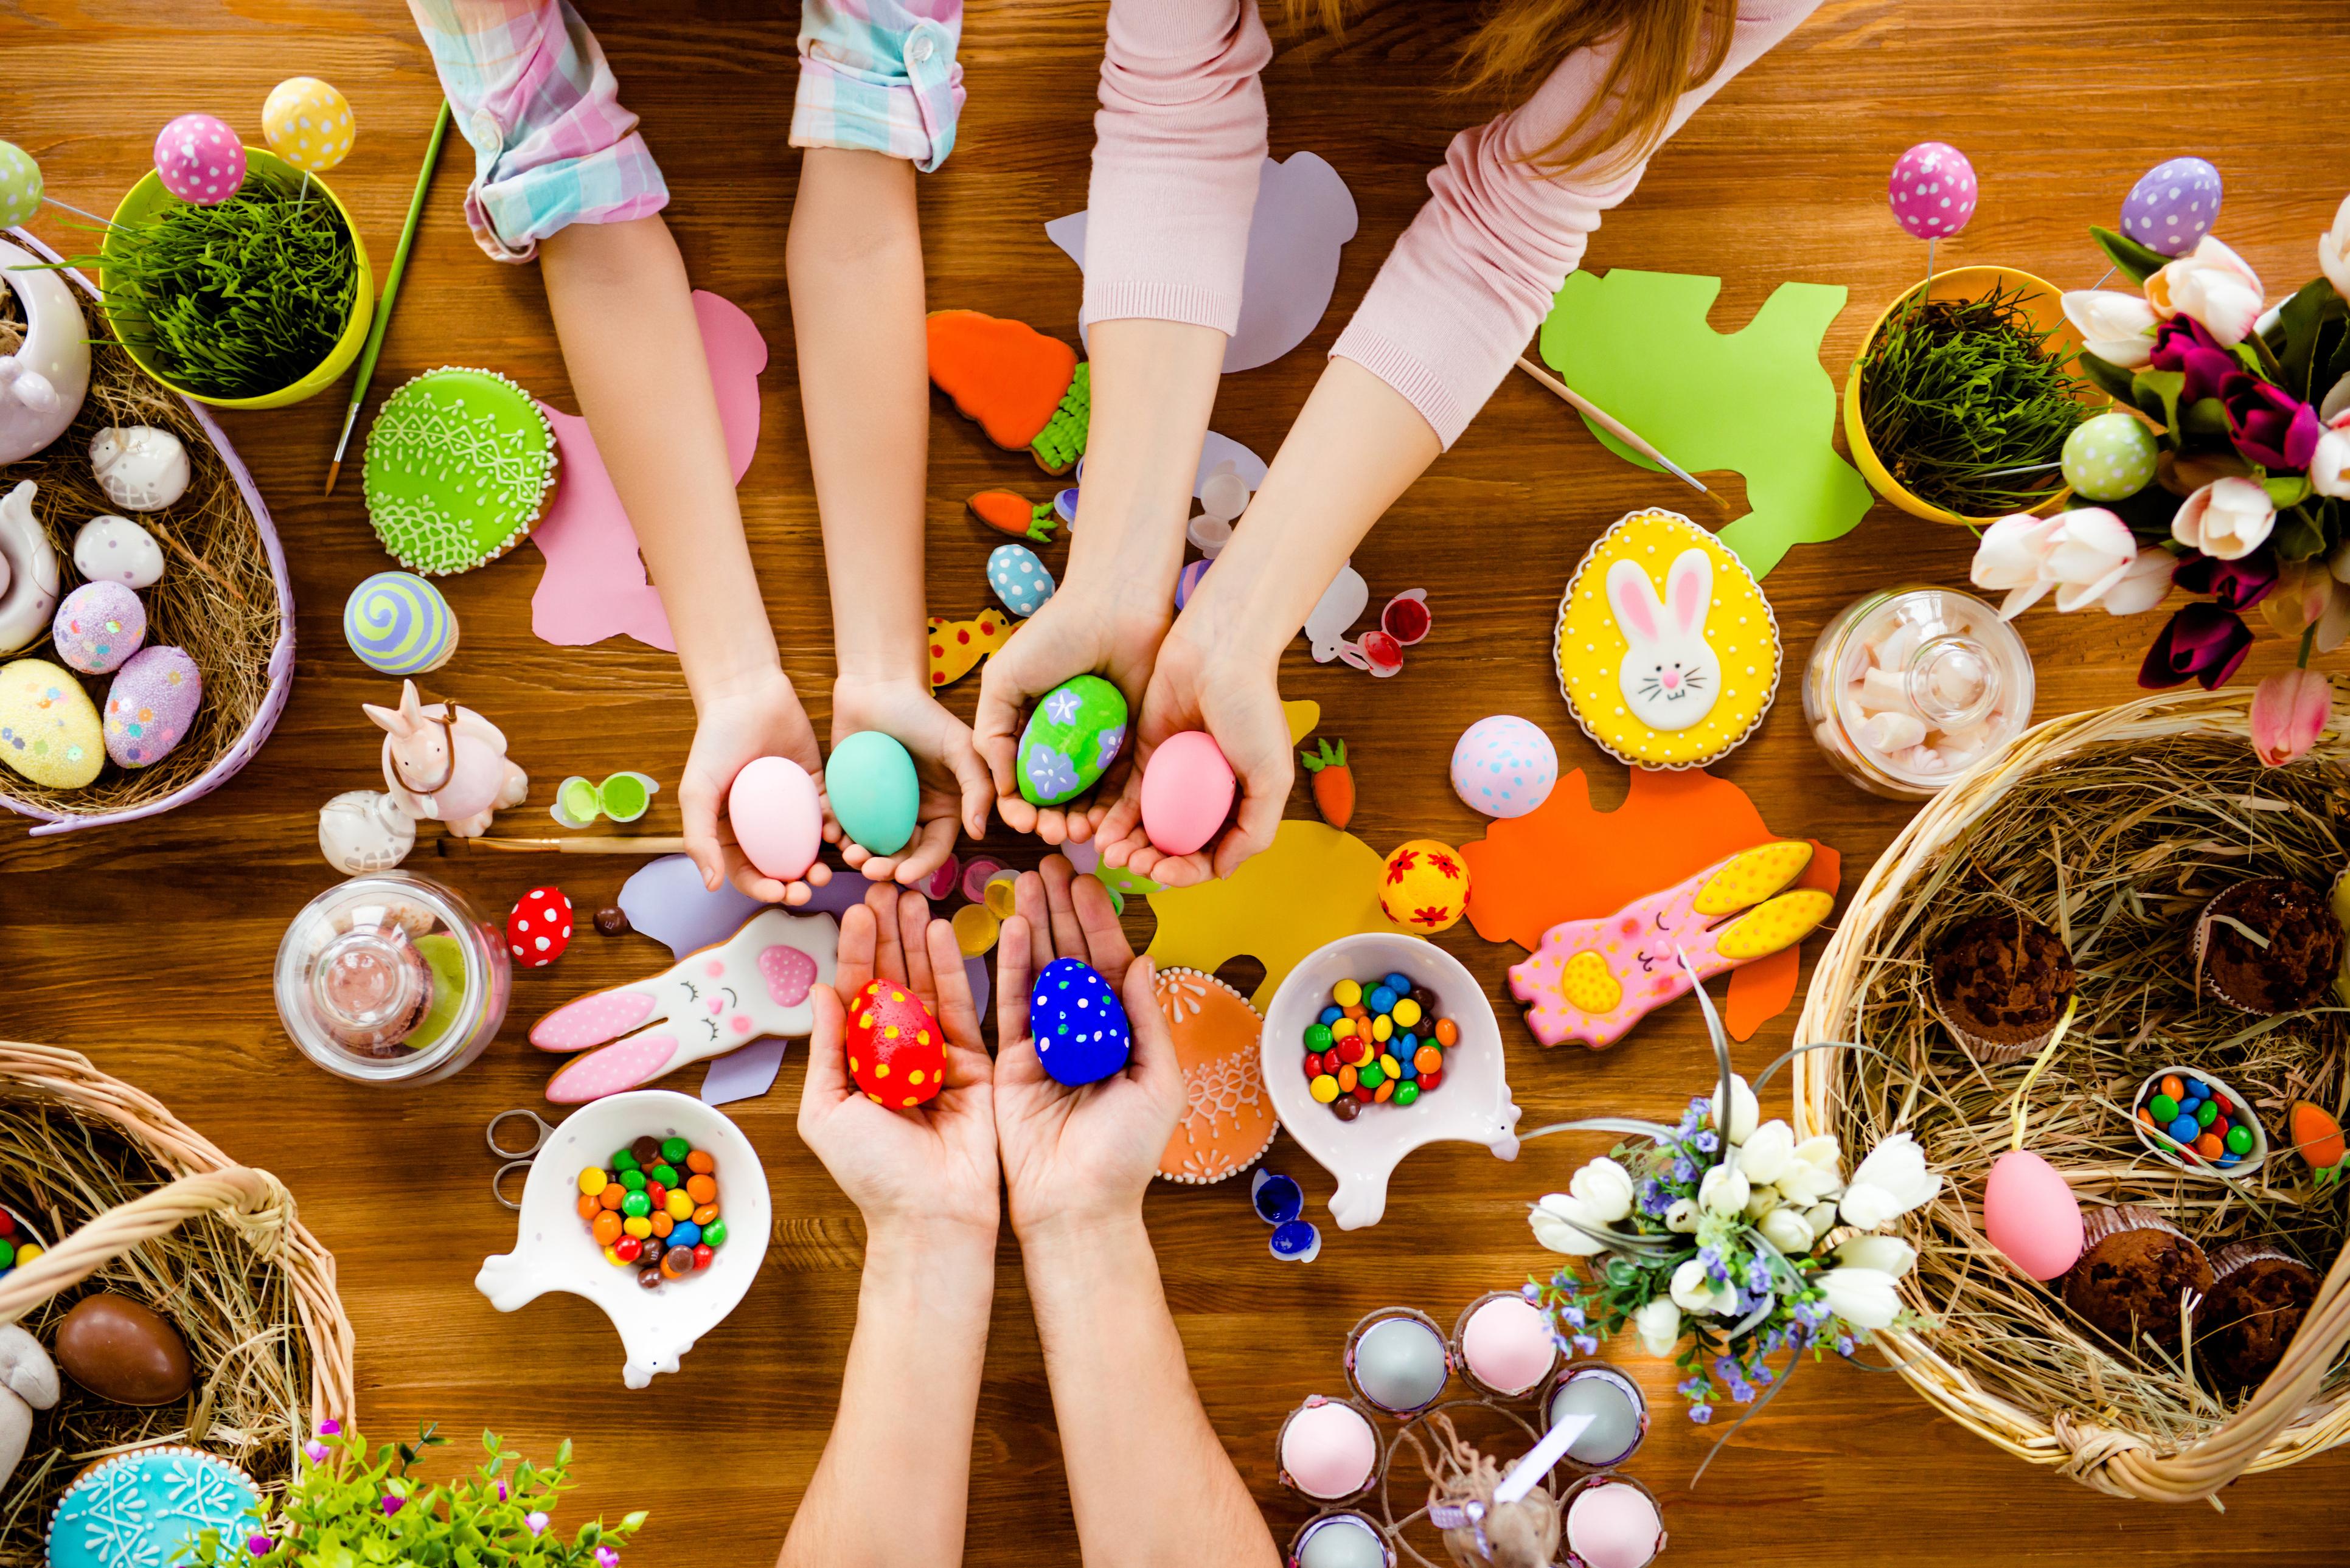 Wielkanoc 2019 Które Dni Będą Wolne Od Pracy Kiedy Wypada